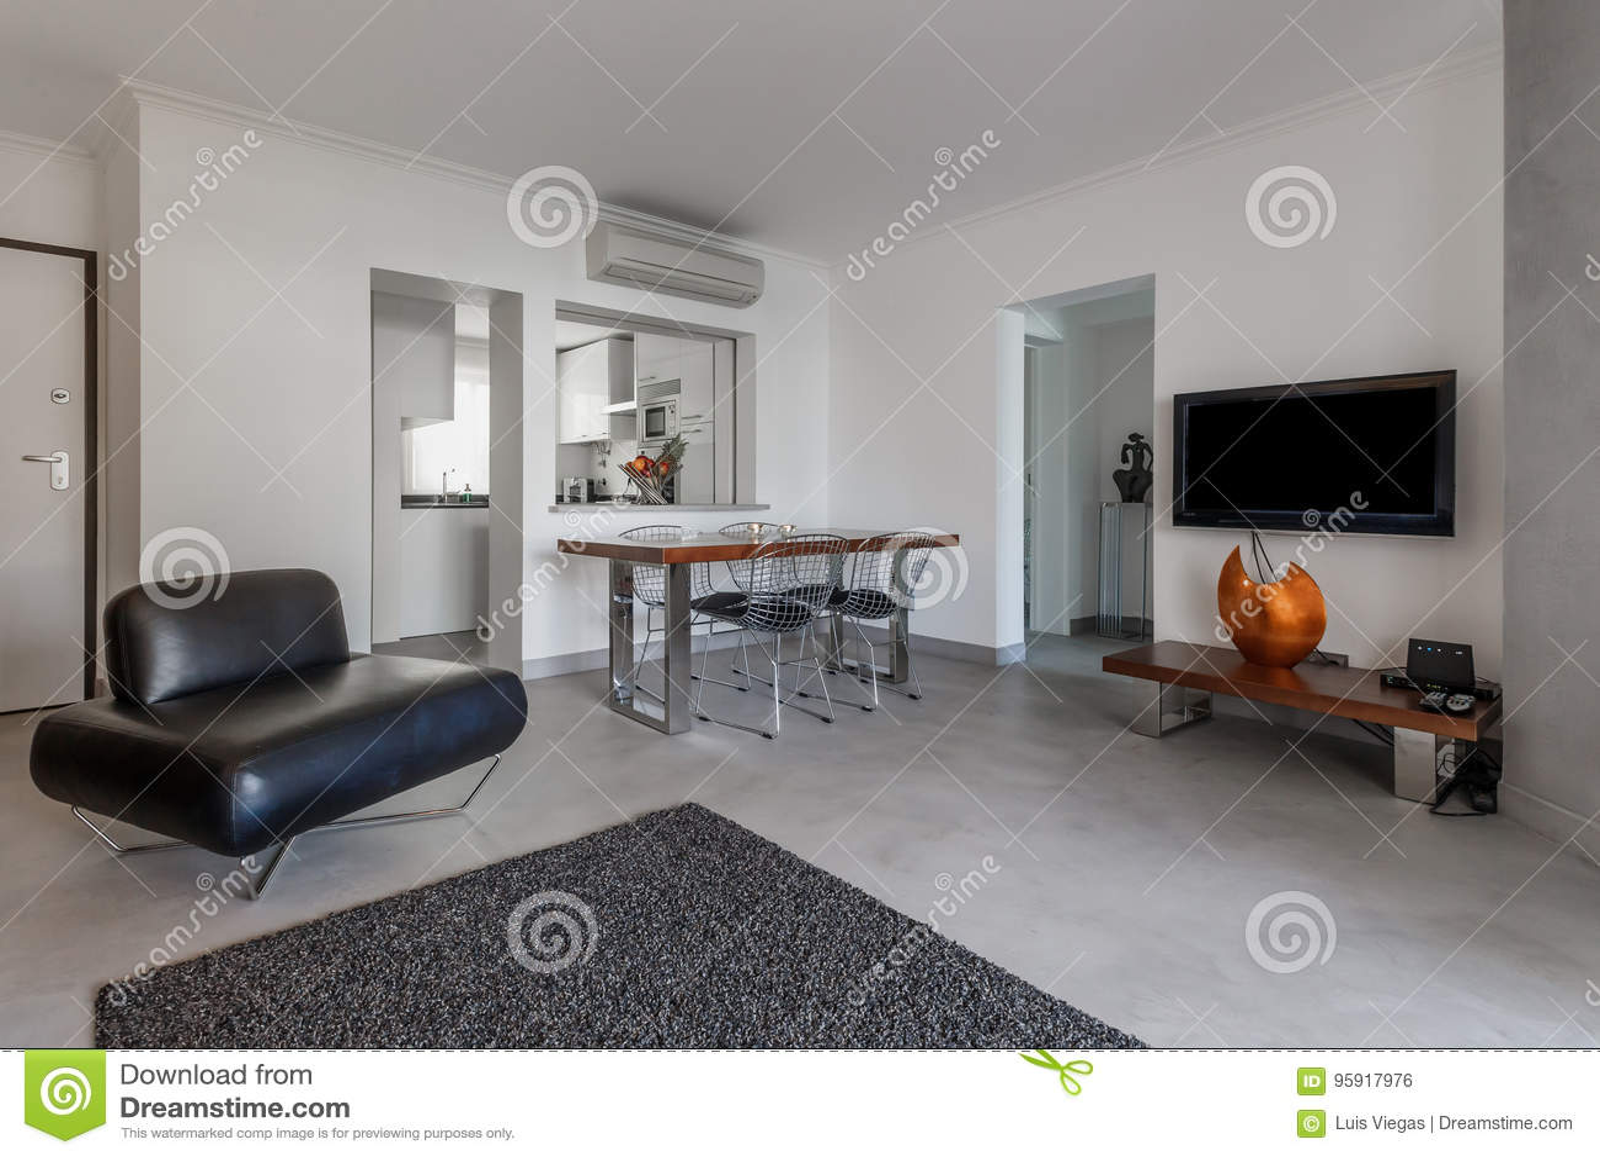 Moderne Wohnung Mit Weissen Wanden Und Hellgrauem Boden Stockfoto